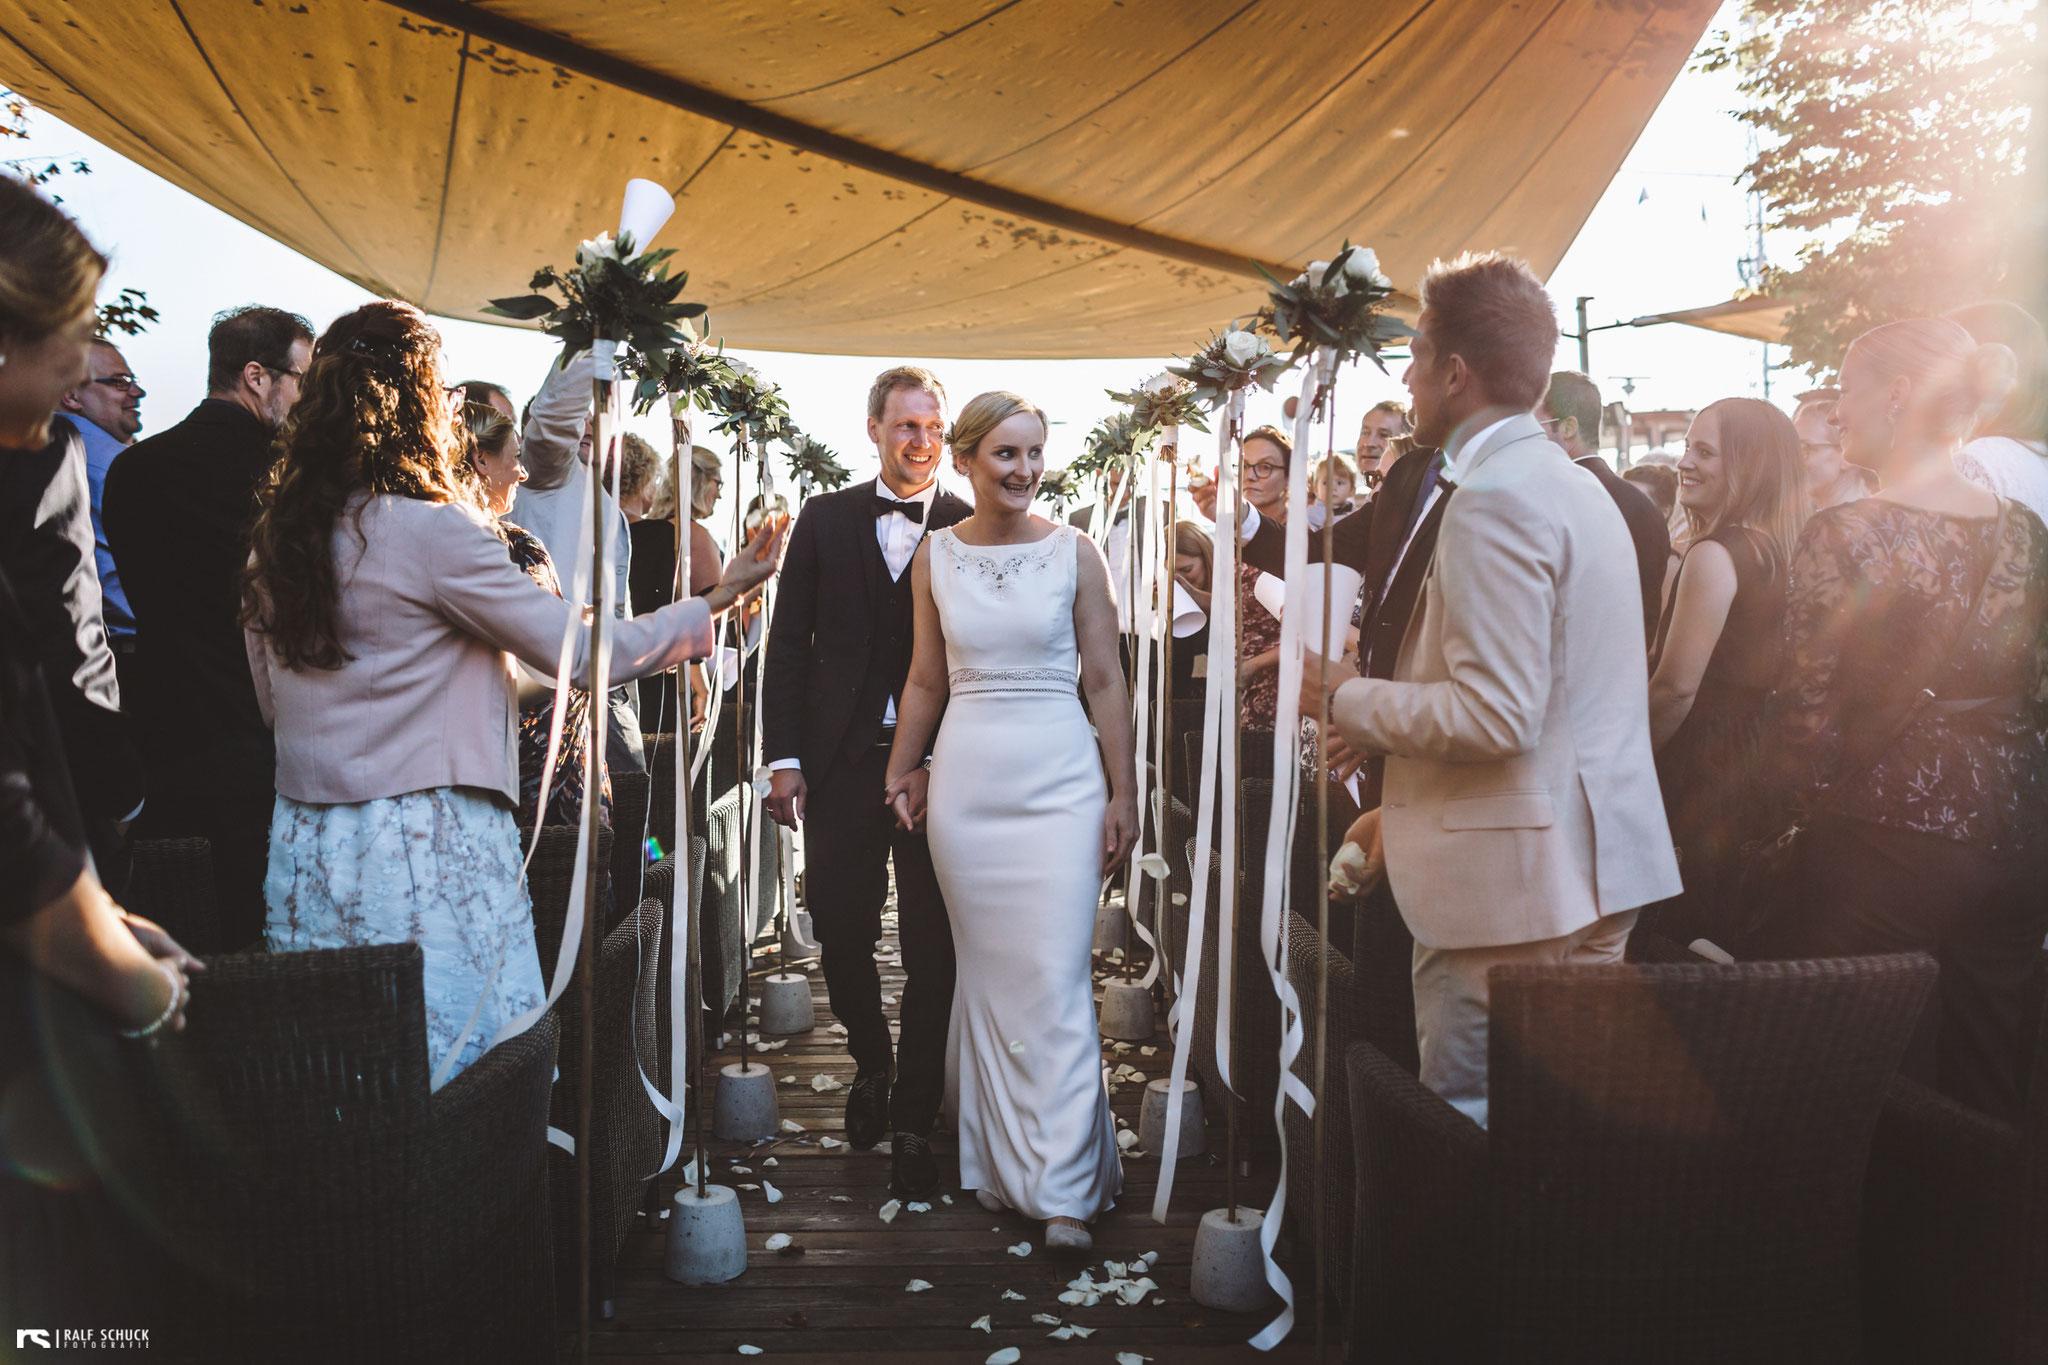 Die beiden ziehen glücklich vermählt durch die Festgesellschaft, um beim anschließenden Sektempfang auf die Trauung anzustoßen (Foto: Ralf Schuck)